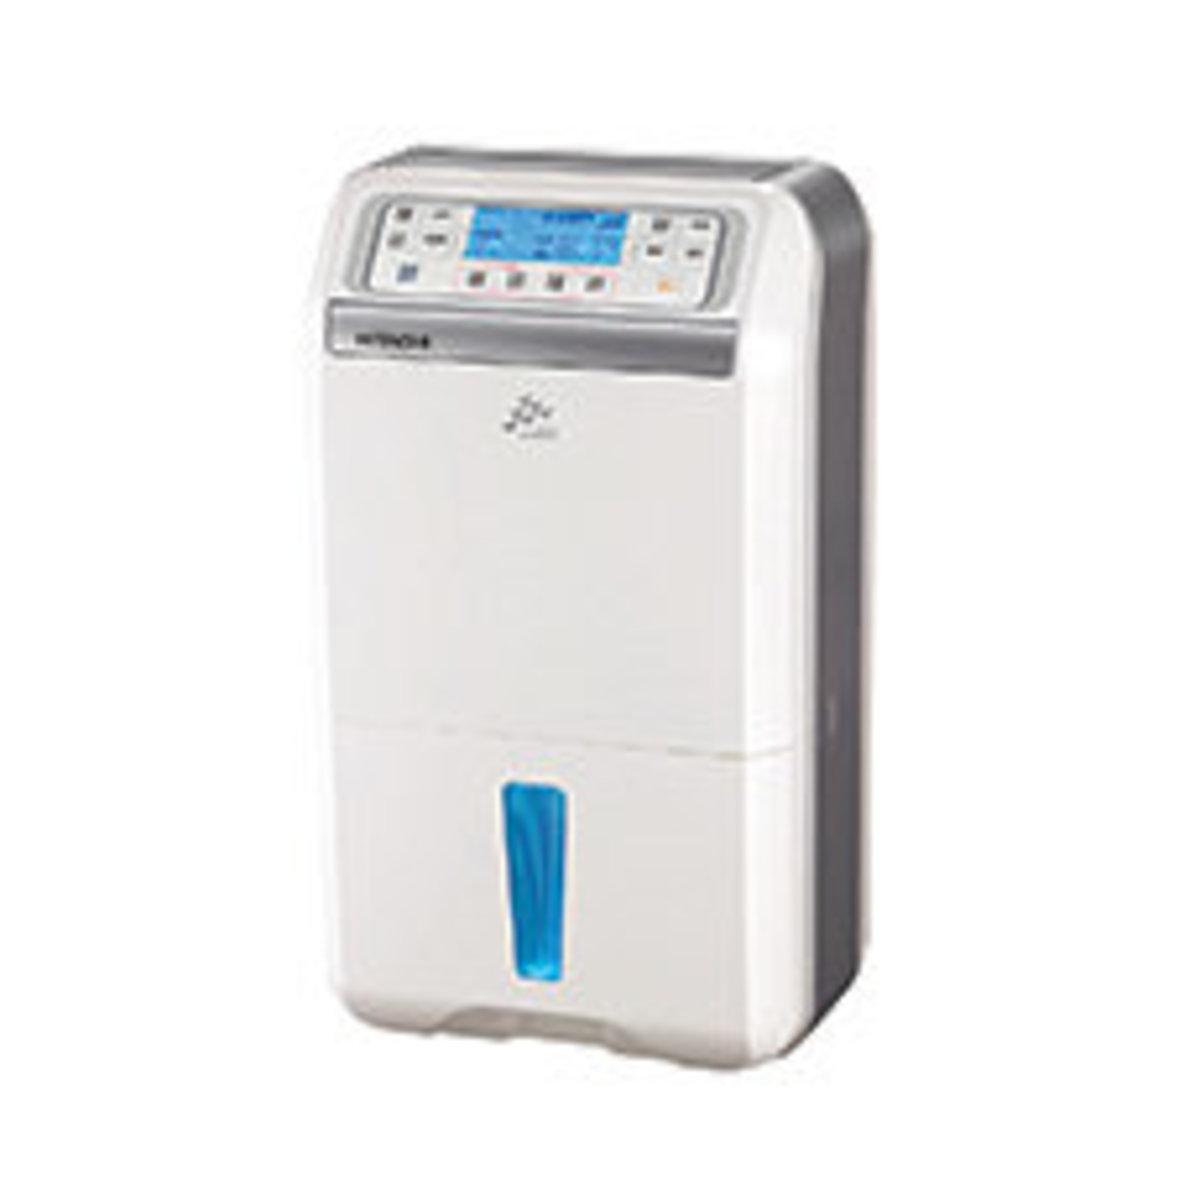 RD230FX 22.5L Dehumidifier